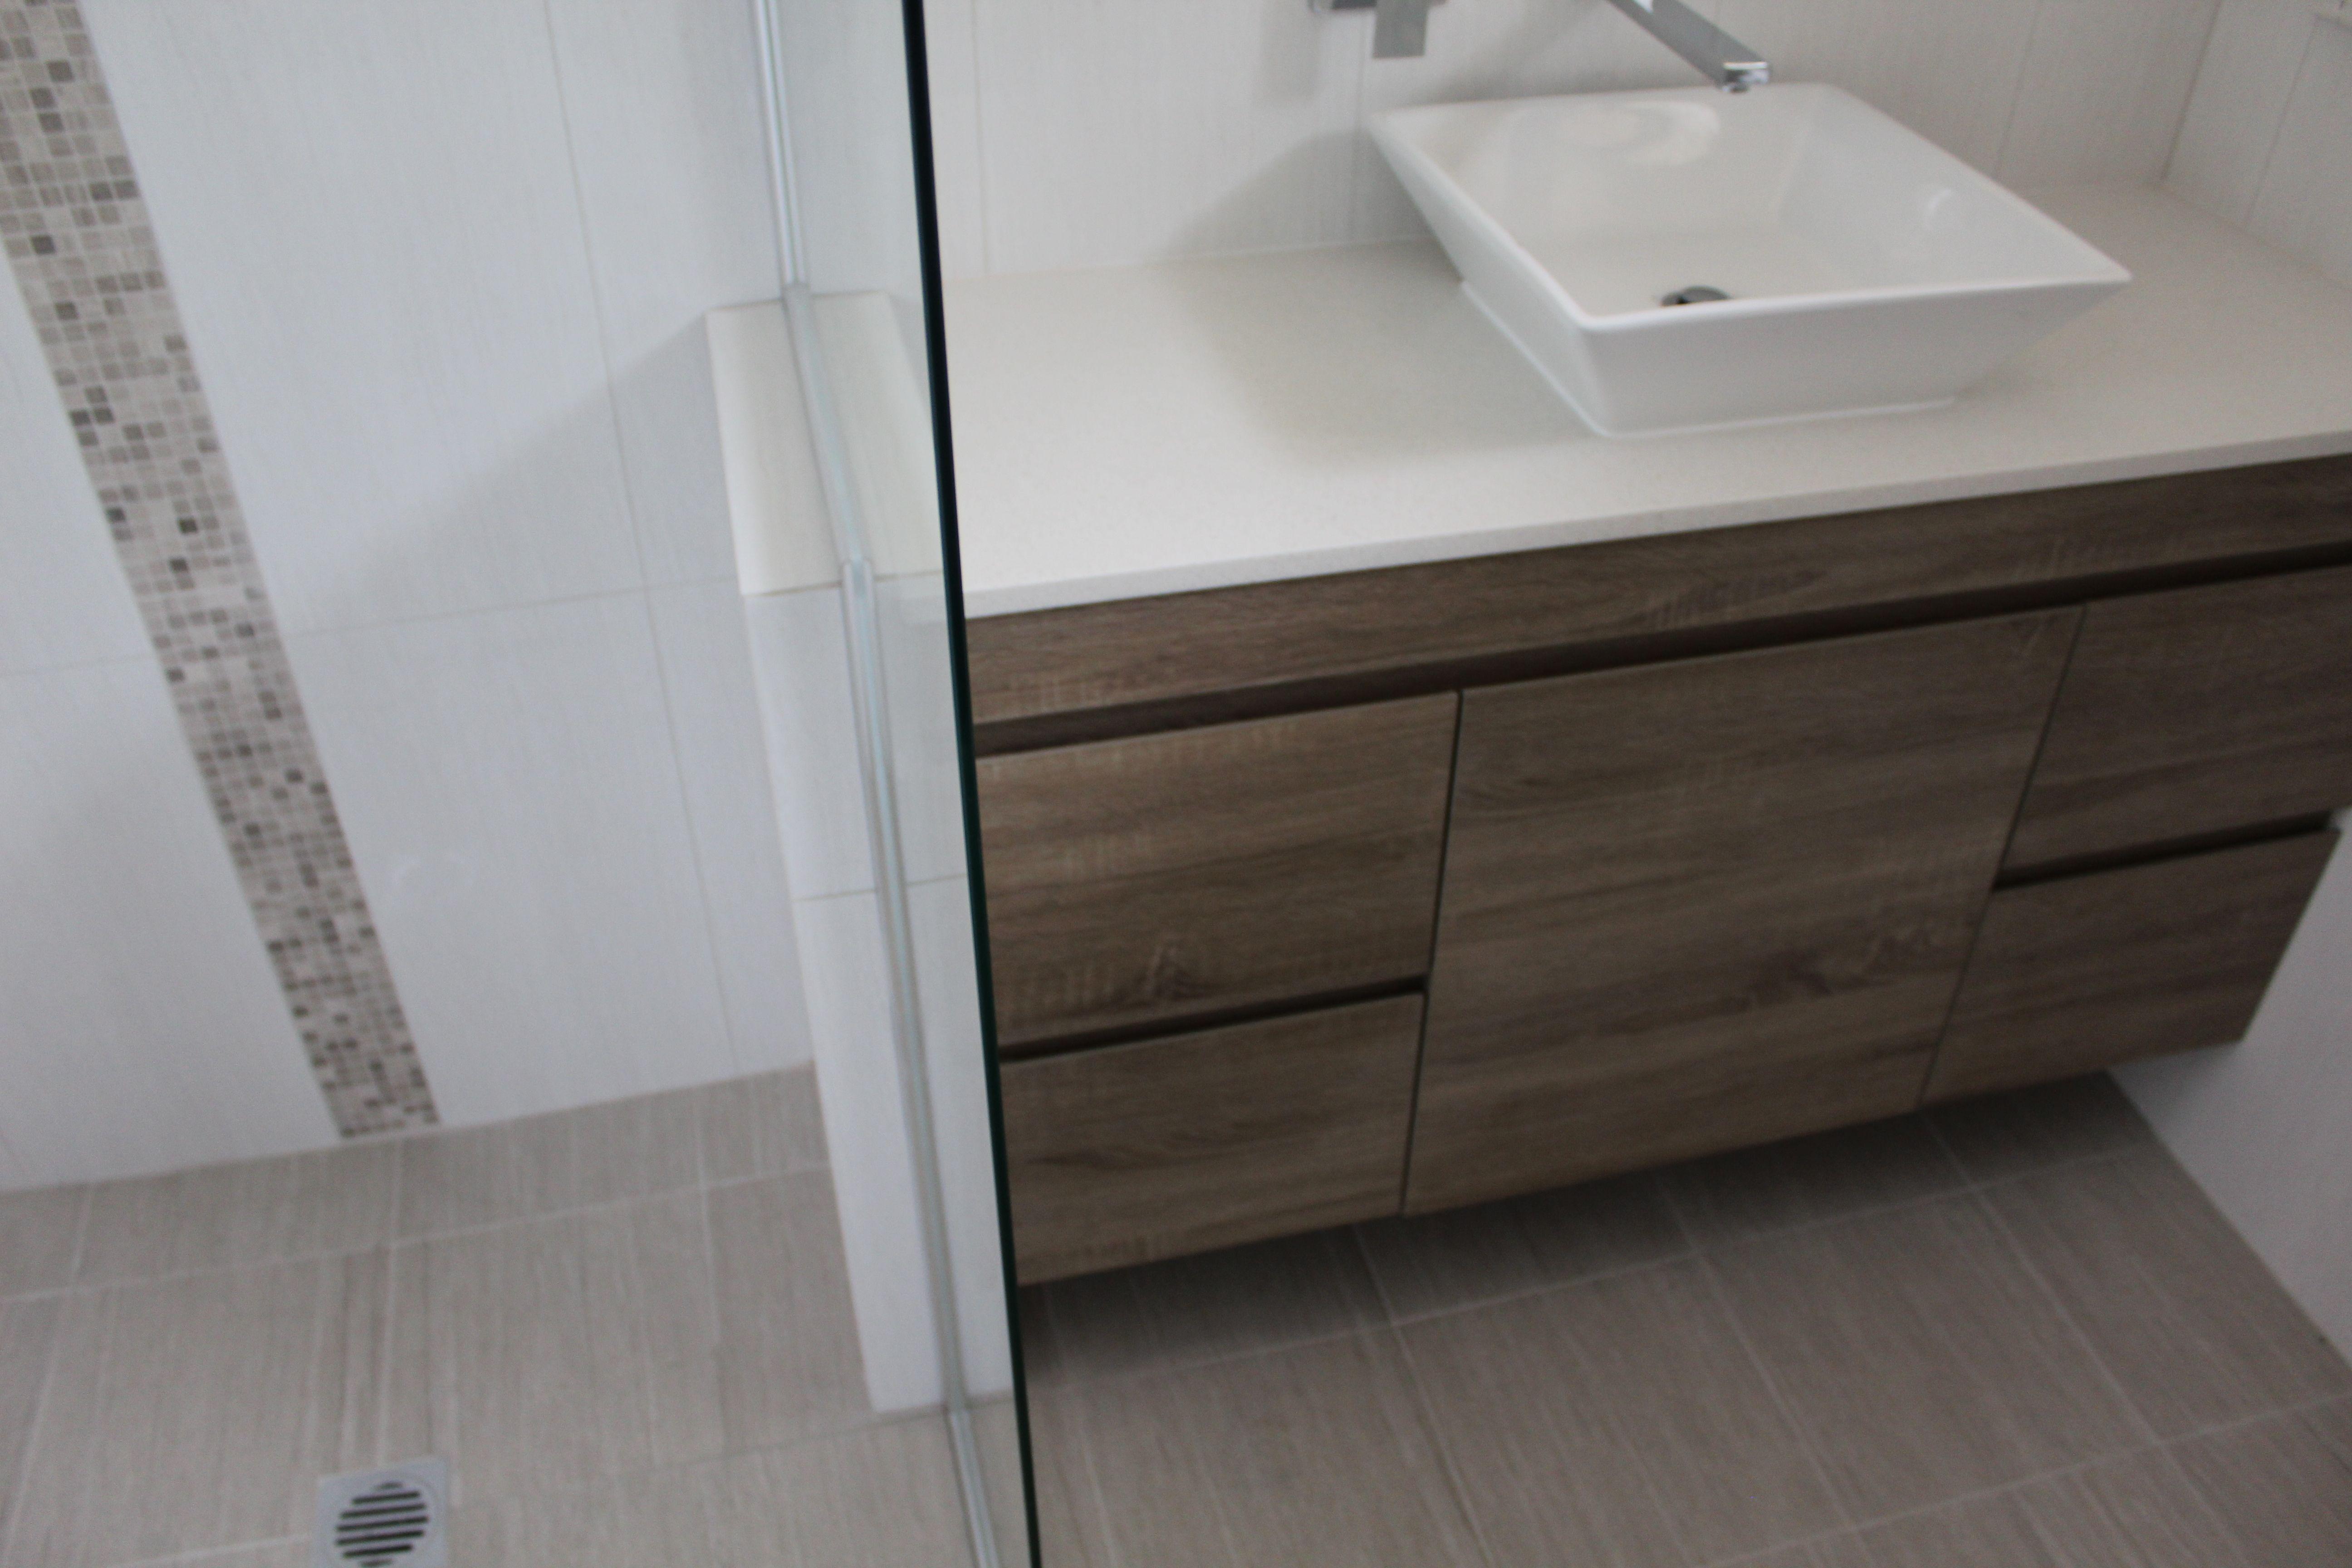 Nib Wall Thin Bathroom Renovation Shelley Bathrooms Perth On The - Bathroom renovations perth